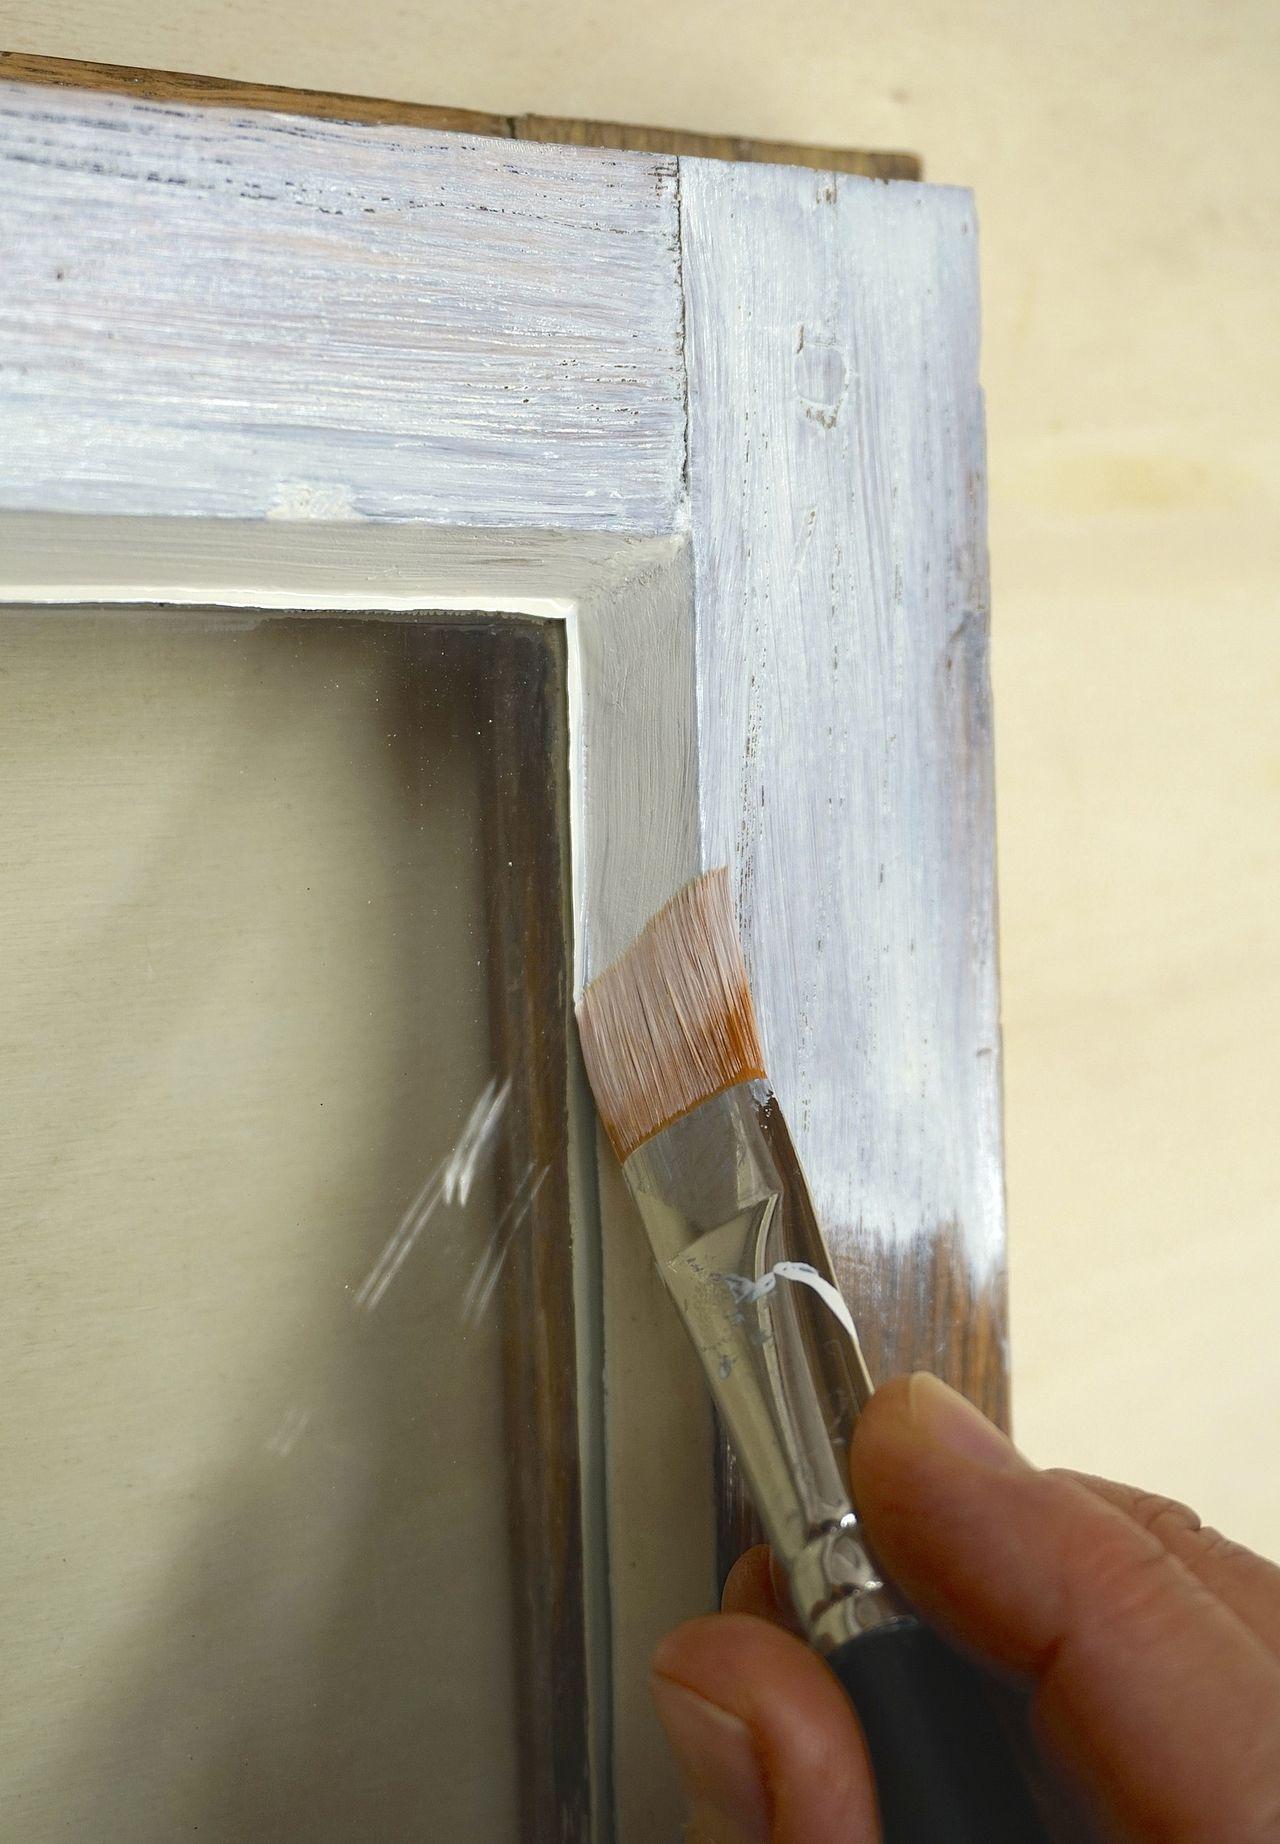 Beliebt Fensterkitt kaufen ° Der Leinölladen - Fensterkitt / Leinölkitt WQ44